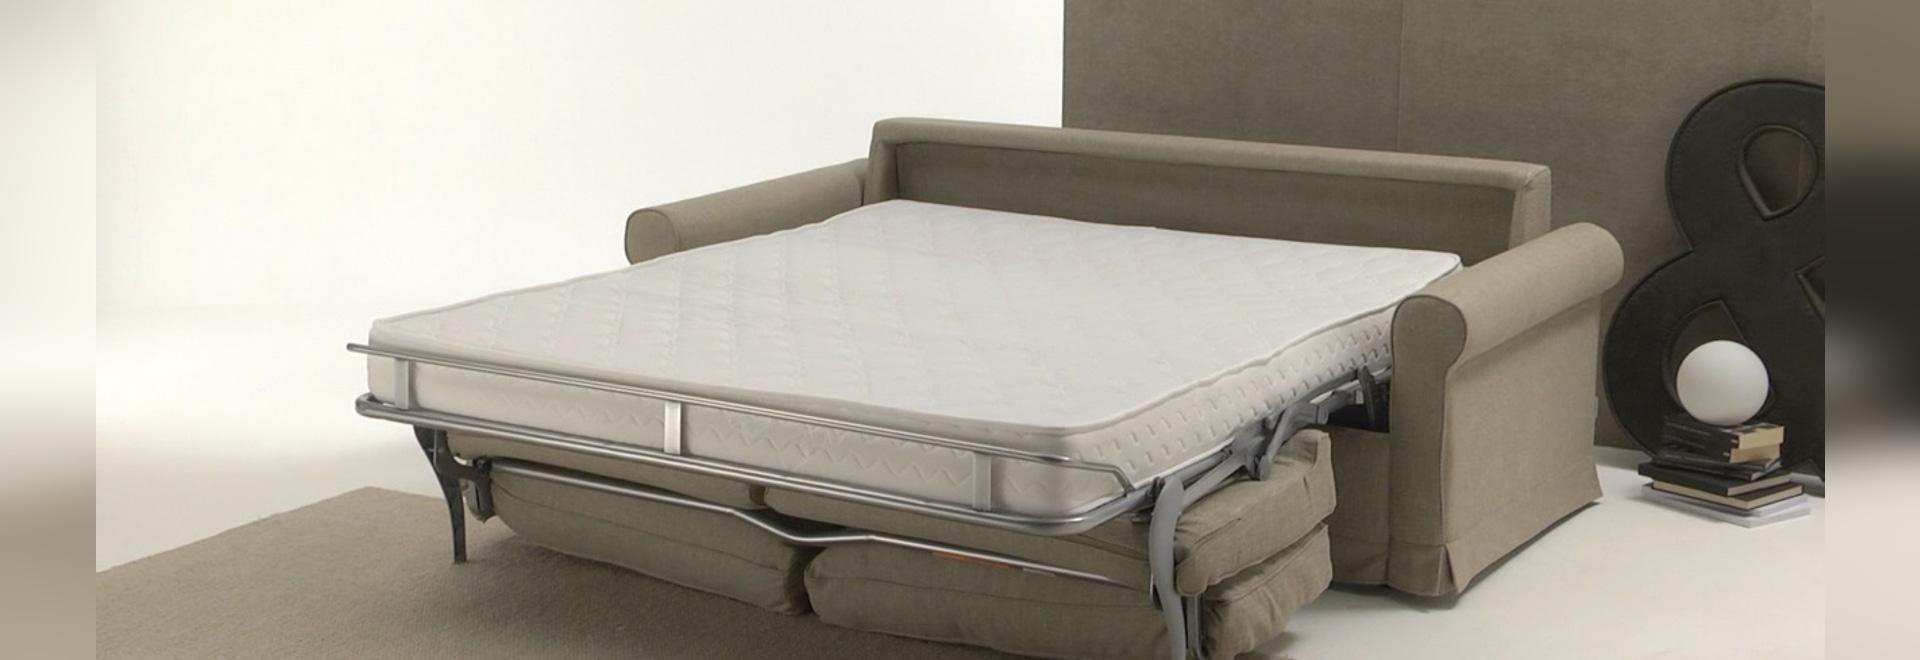 MEDA de canapé-lit